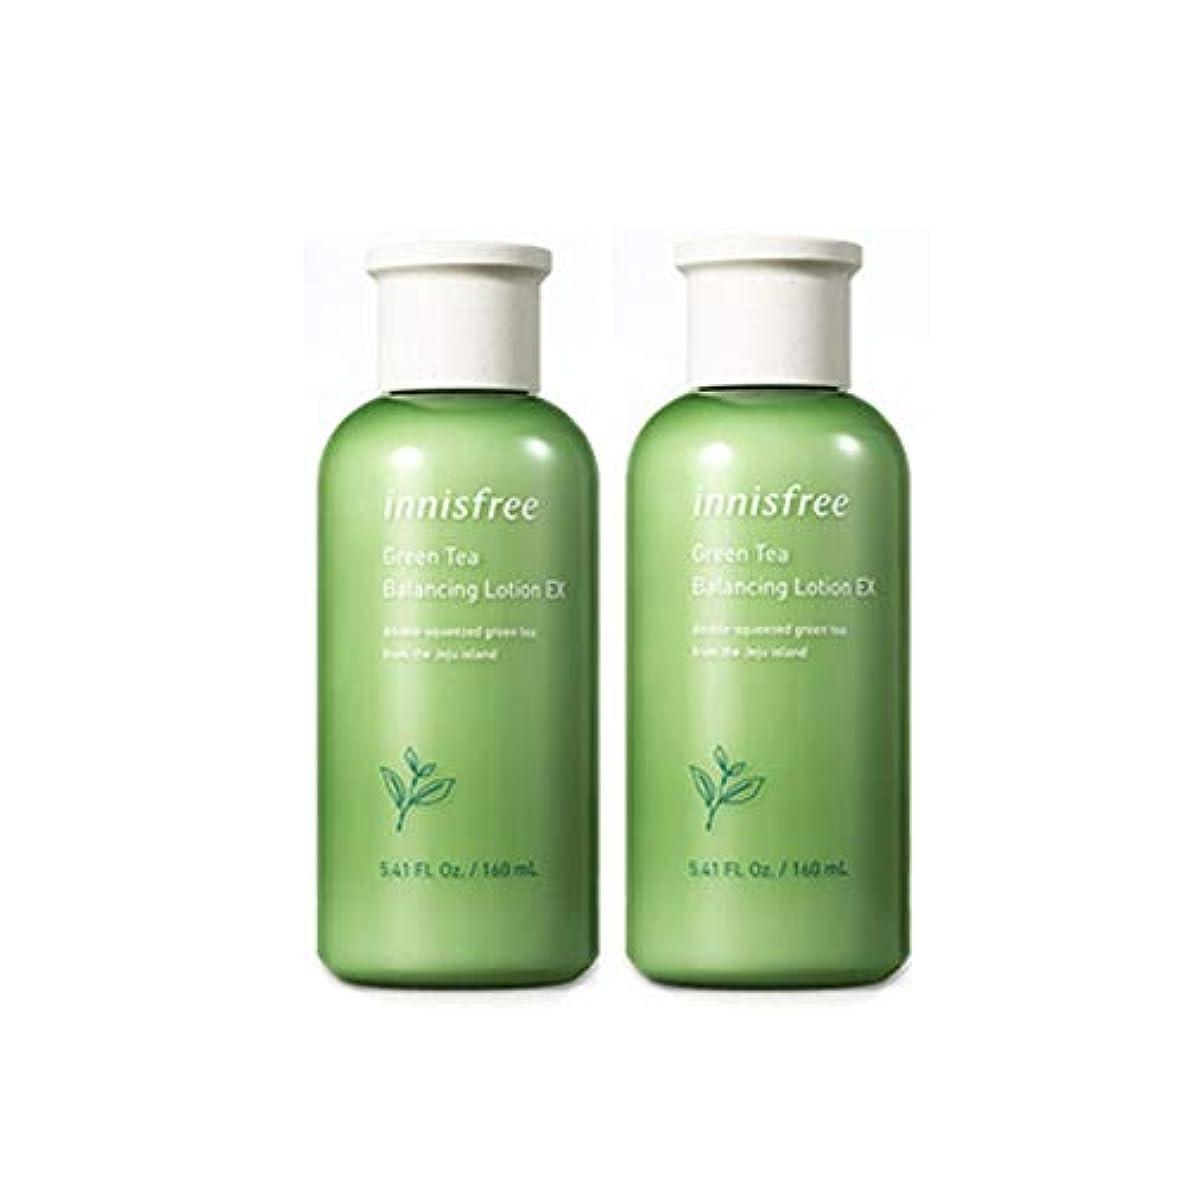 引き金プロジェクターゴージャスイニスフリーグリーンティーバランシングローション160mlx 2本セット水分ローション韓国コスメ、innisfree Green Tea Balancing Lotion 160ml x 2ea Set Korean Cosmetics...